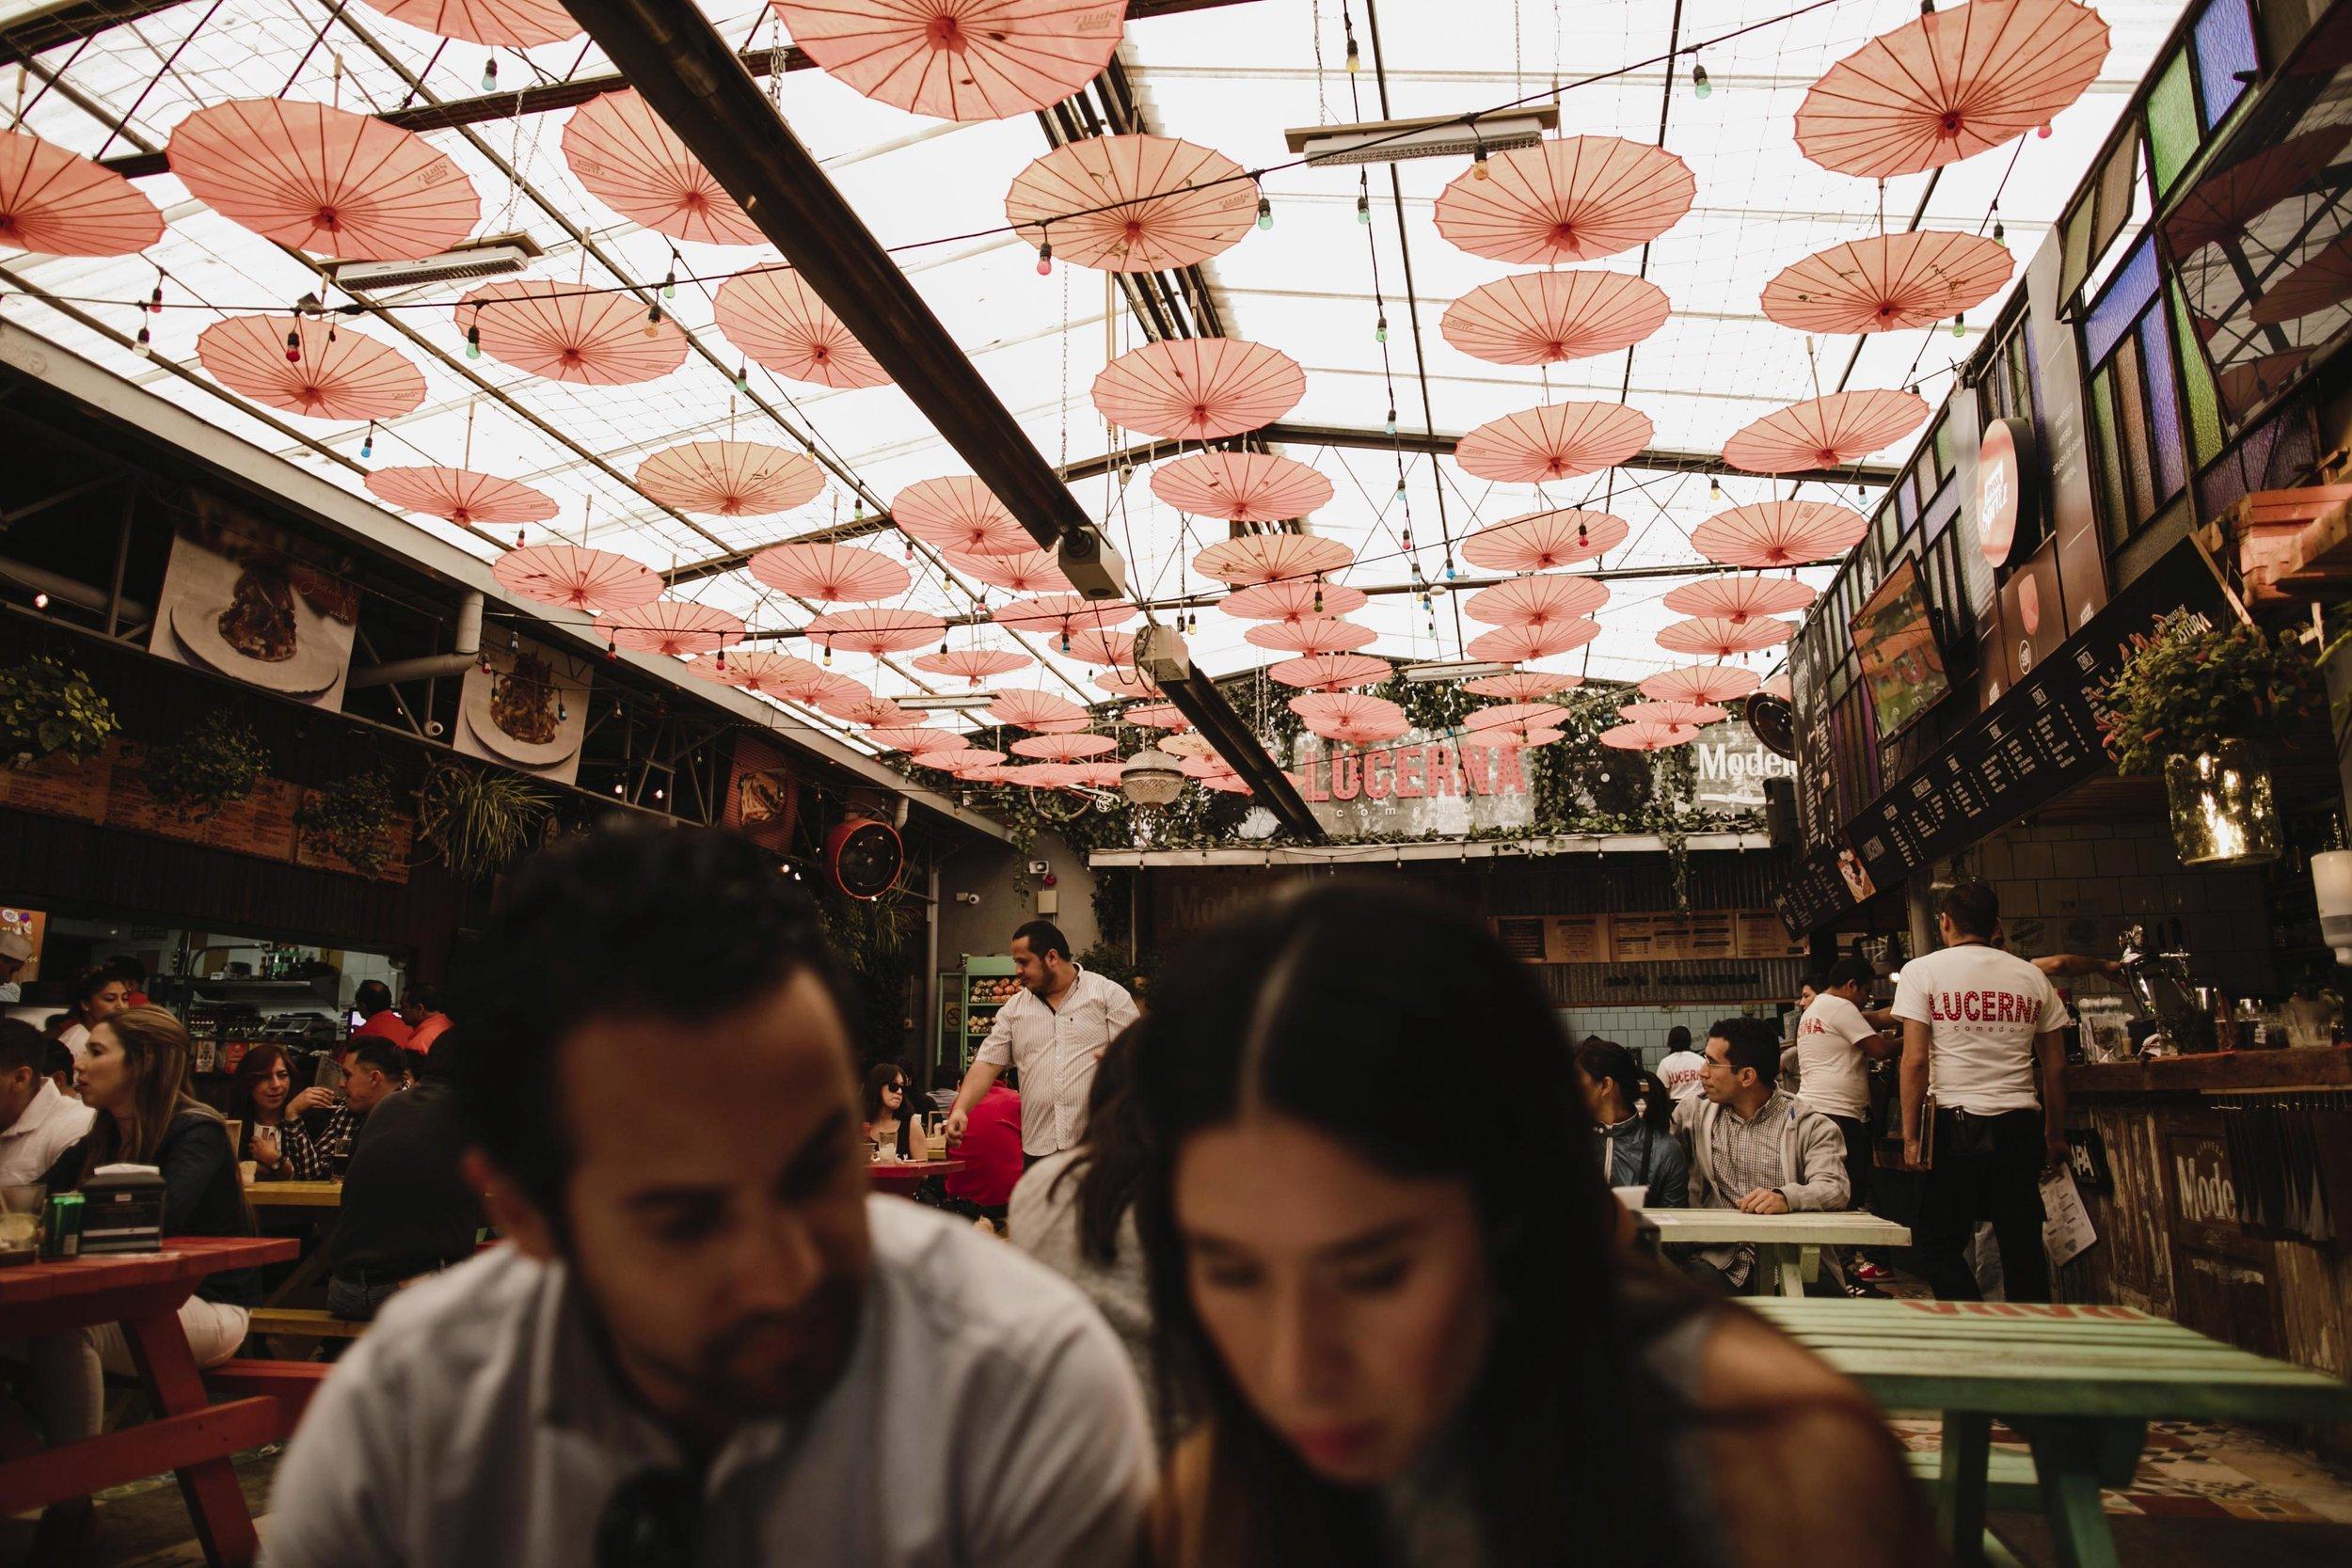 alfonso_flores_destination_wedding_photography_ciudad_de_mexico72.jpg